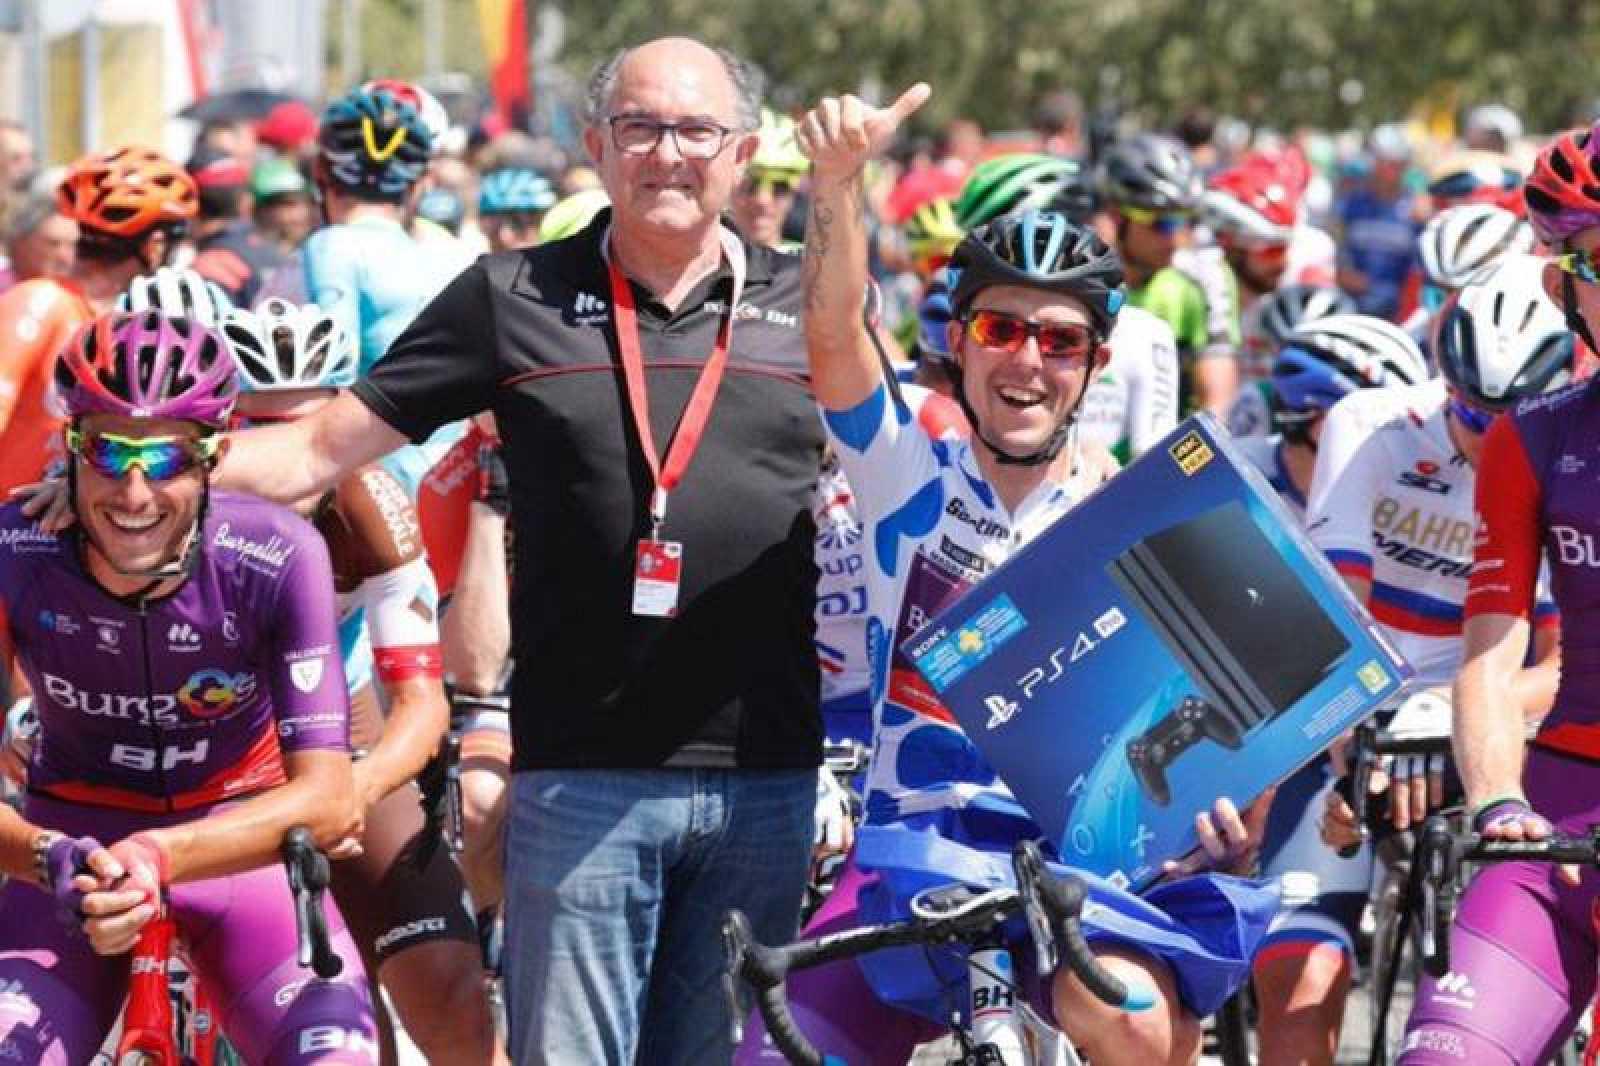 Imagen del equipo Burgos-BH en la salida de la octava etapa de la Vuelta 2019.